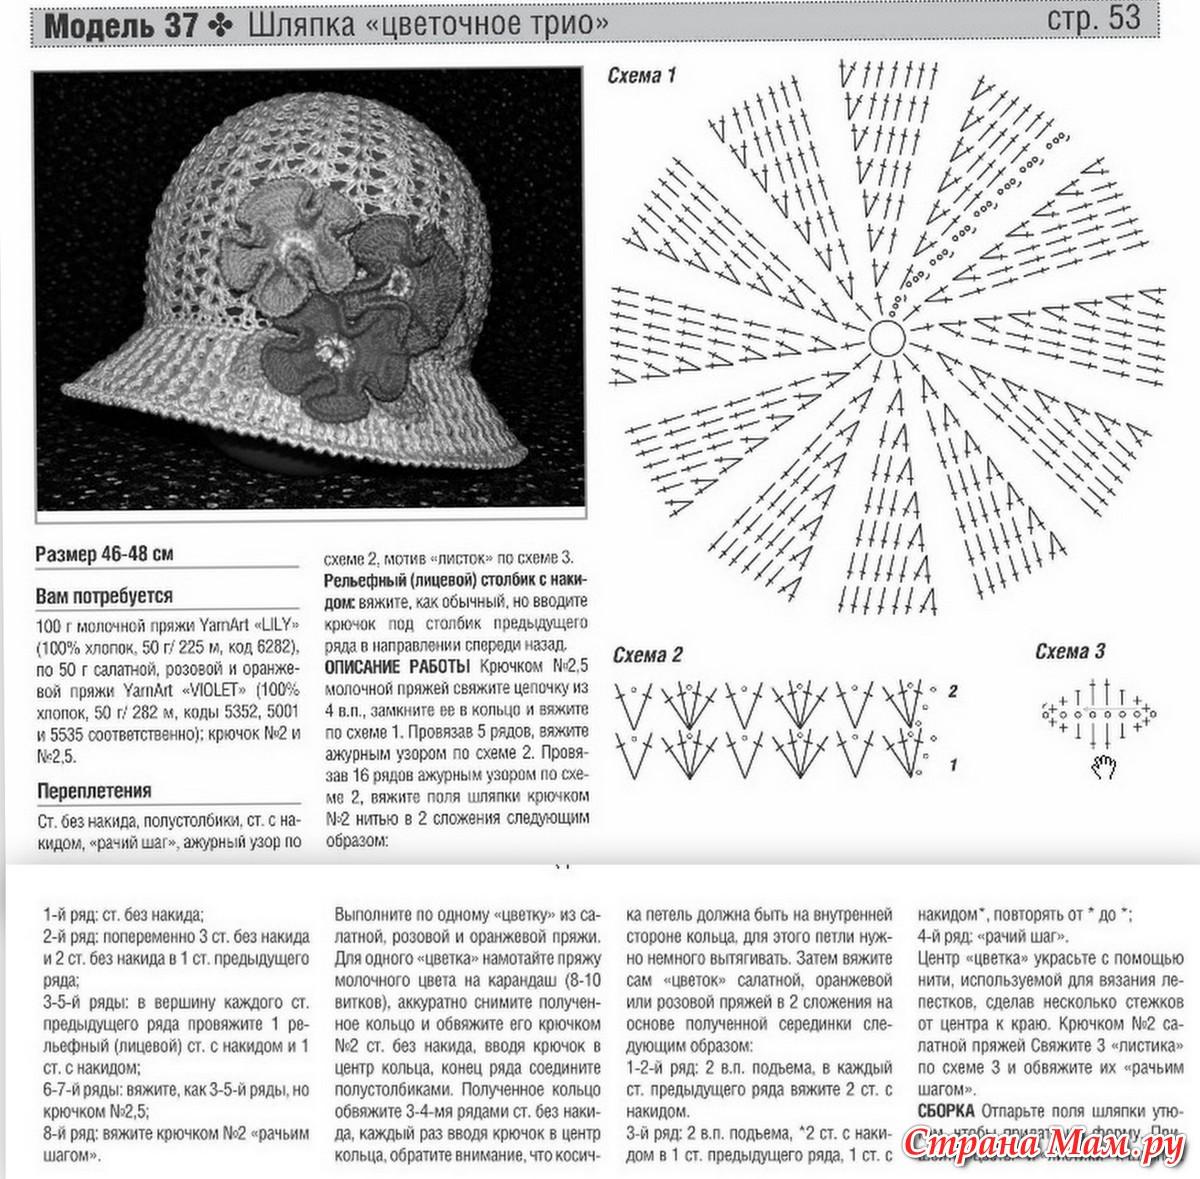 Летние шляпки для женщин крючком схемы и видео МК: 16 моделей 11